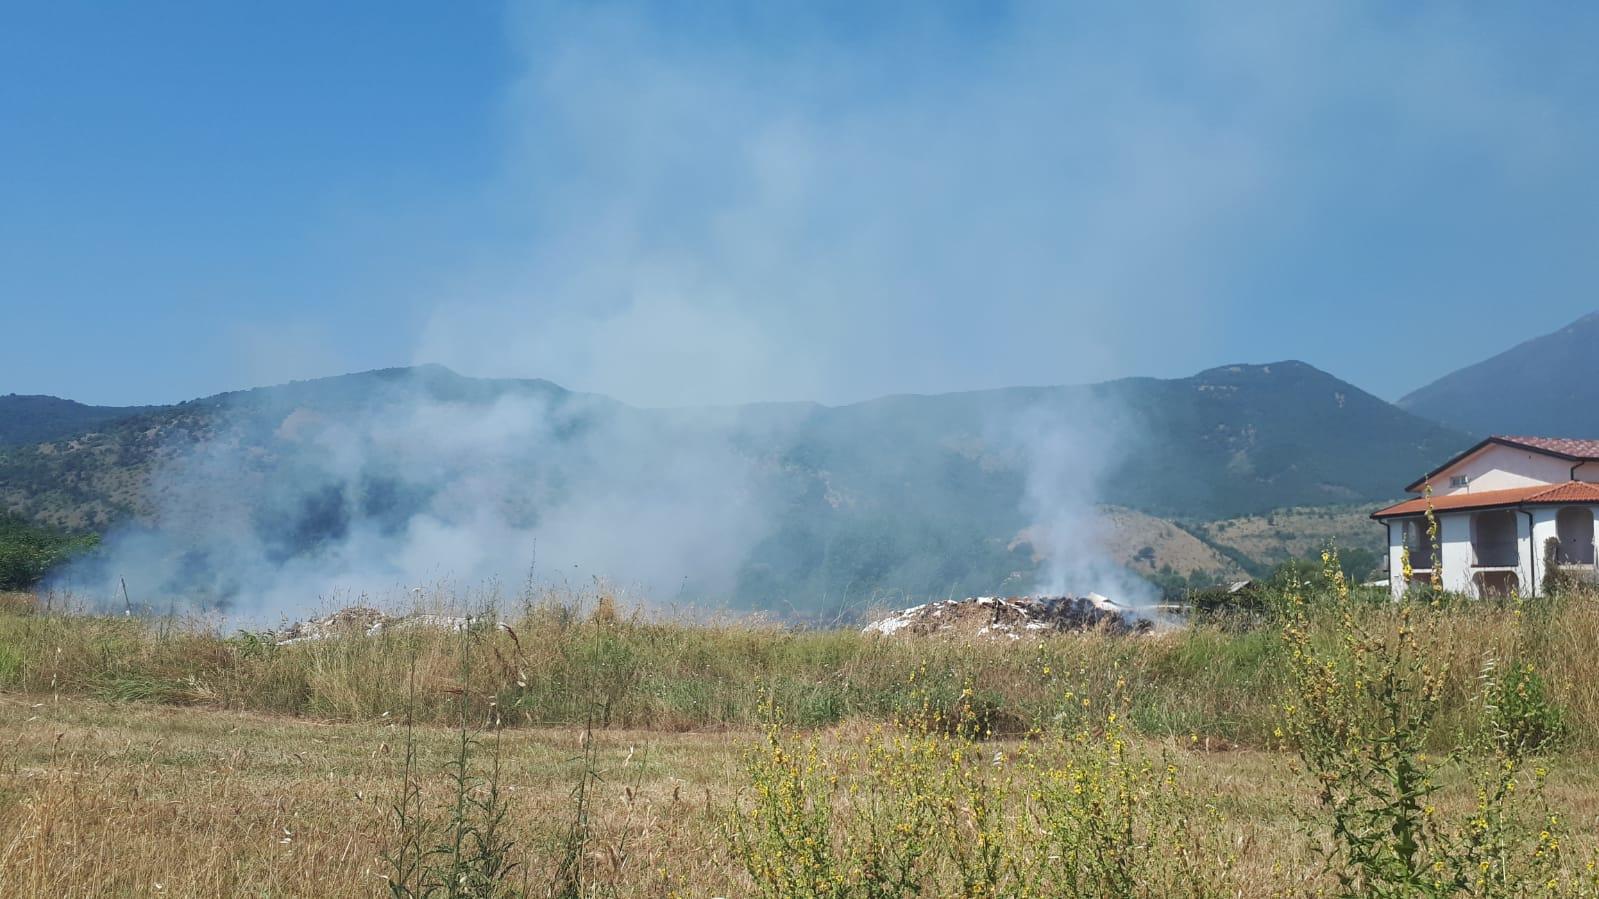 Incendio anche a Cassino: brucia il sito di Nocione [FOTO]